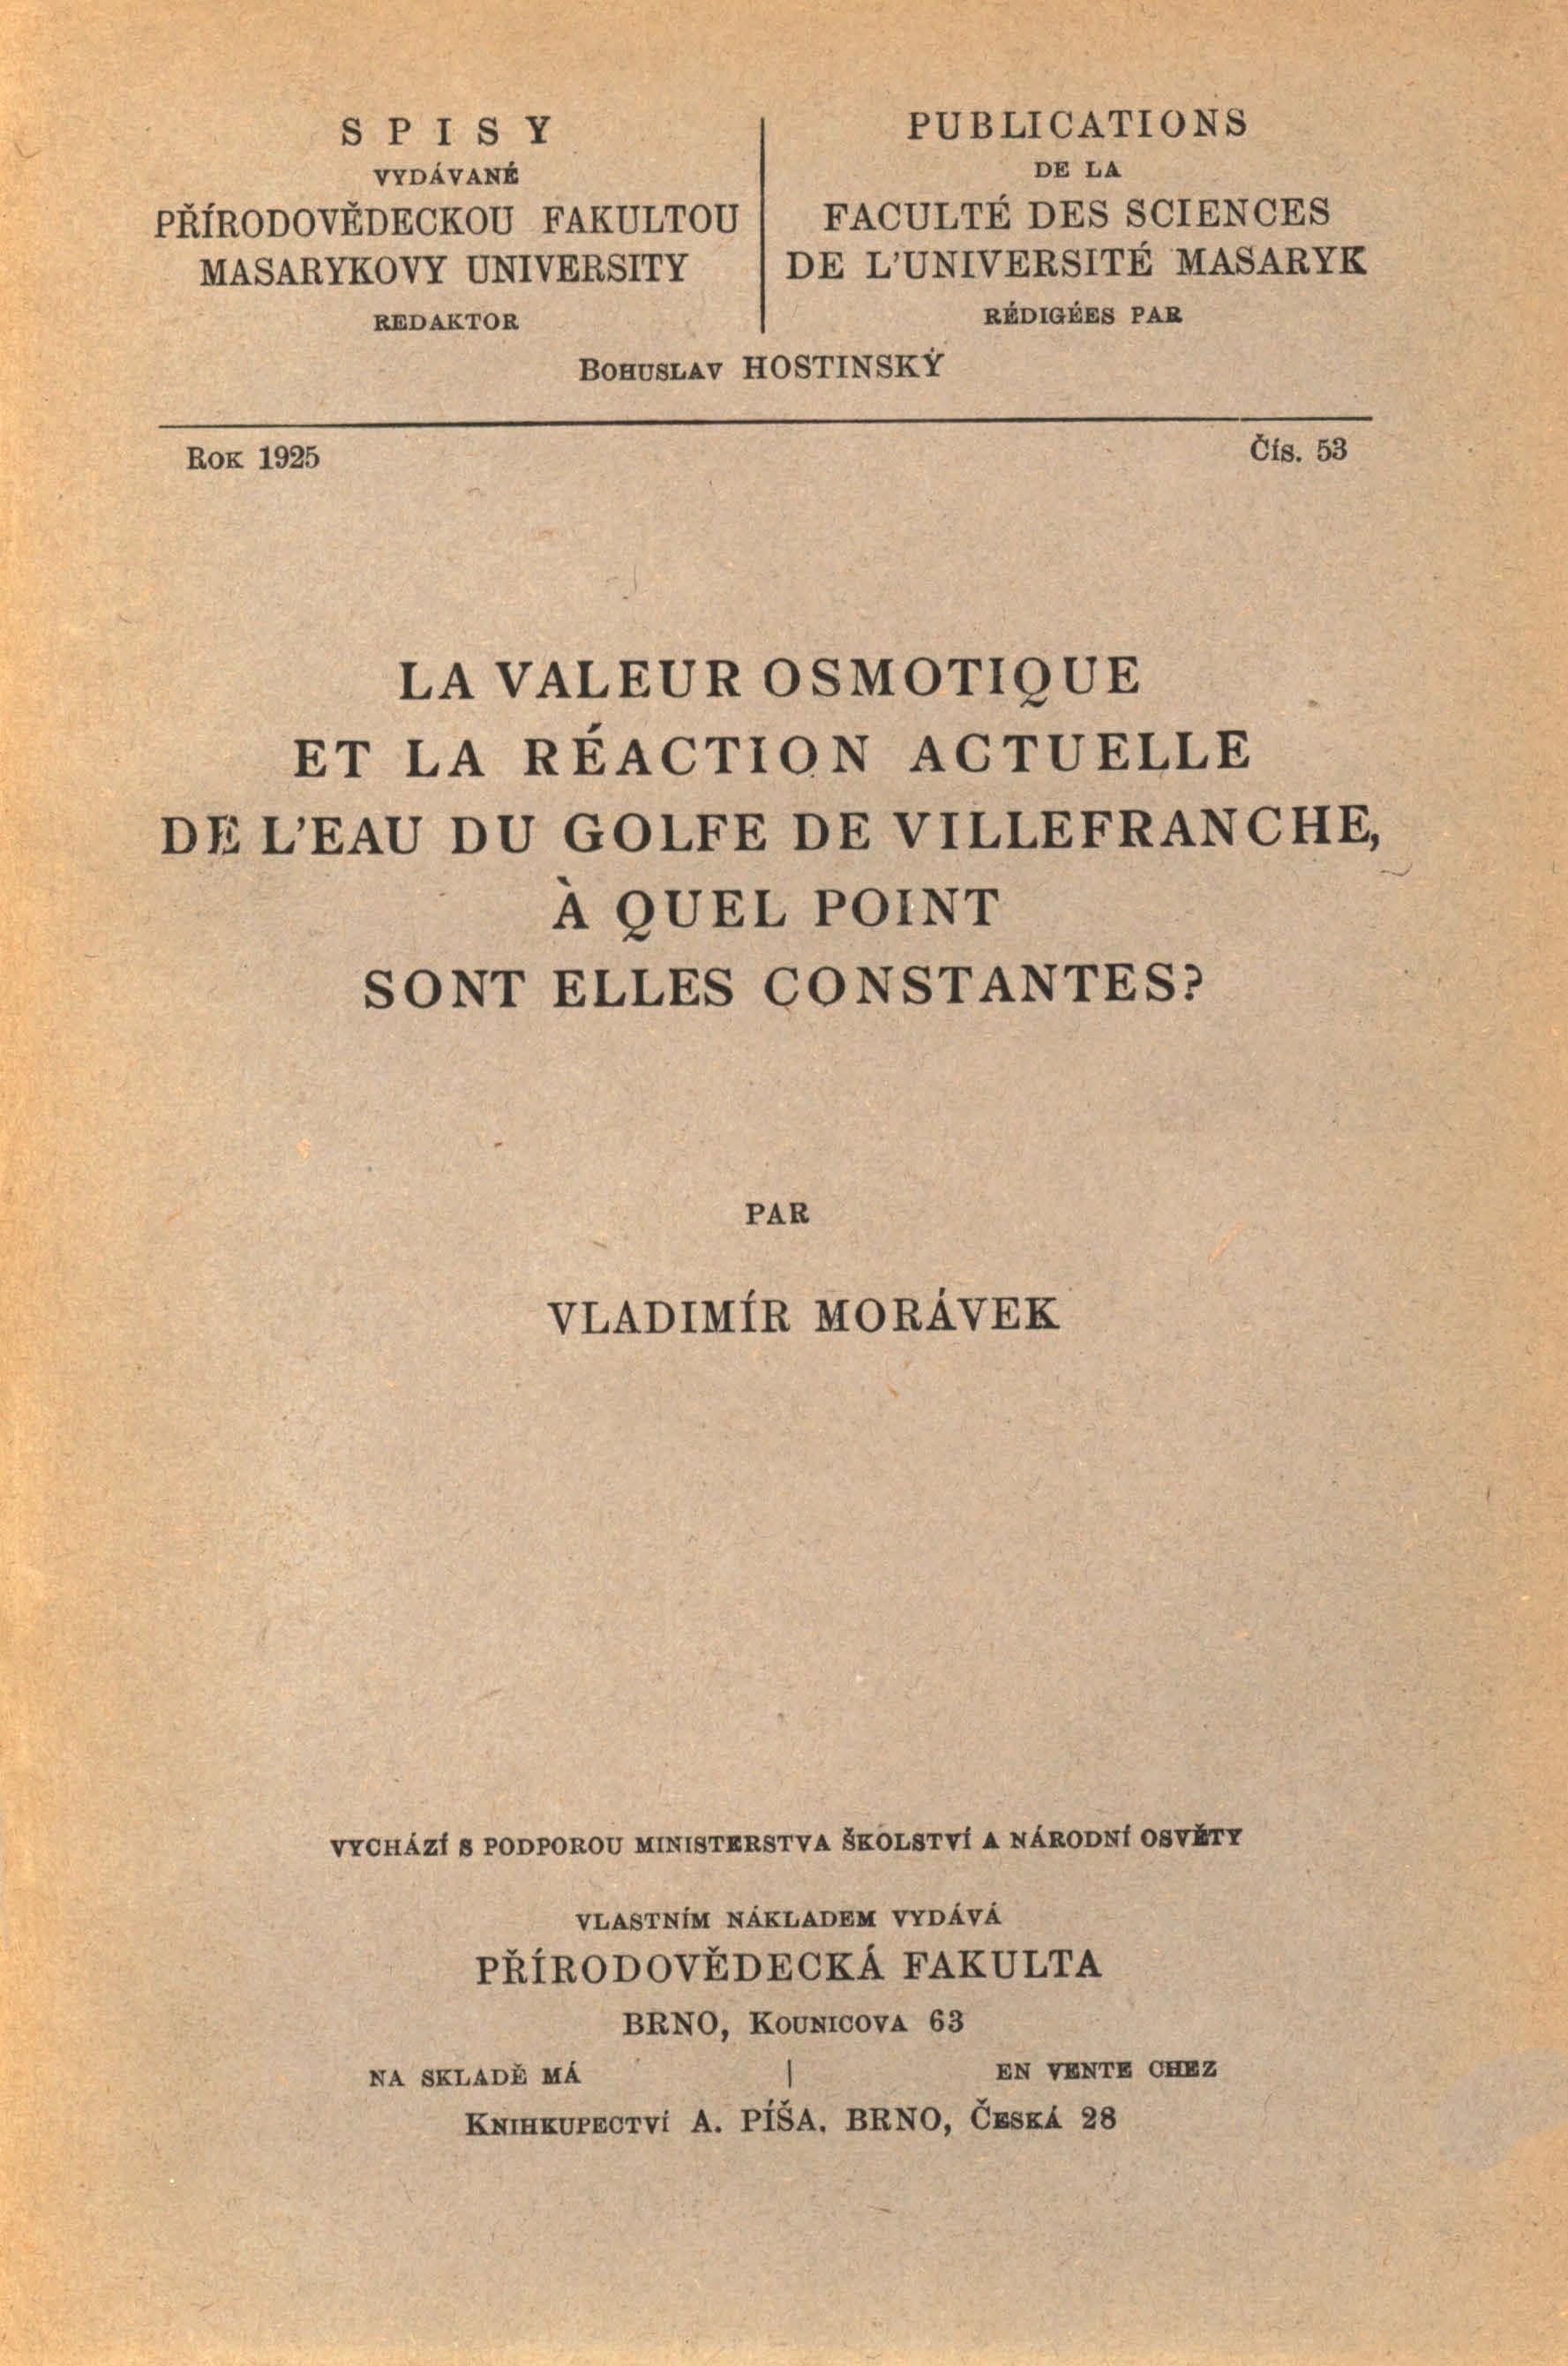 Obálka pro La valeur osmotique et la réaction actuelle de l'eaur du golfe de villefranche, á quel point sont elles constantes?